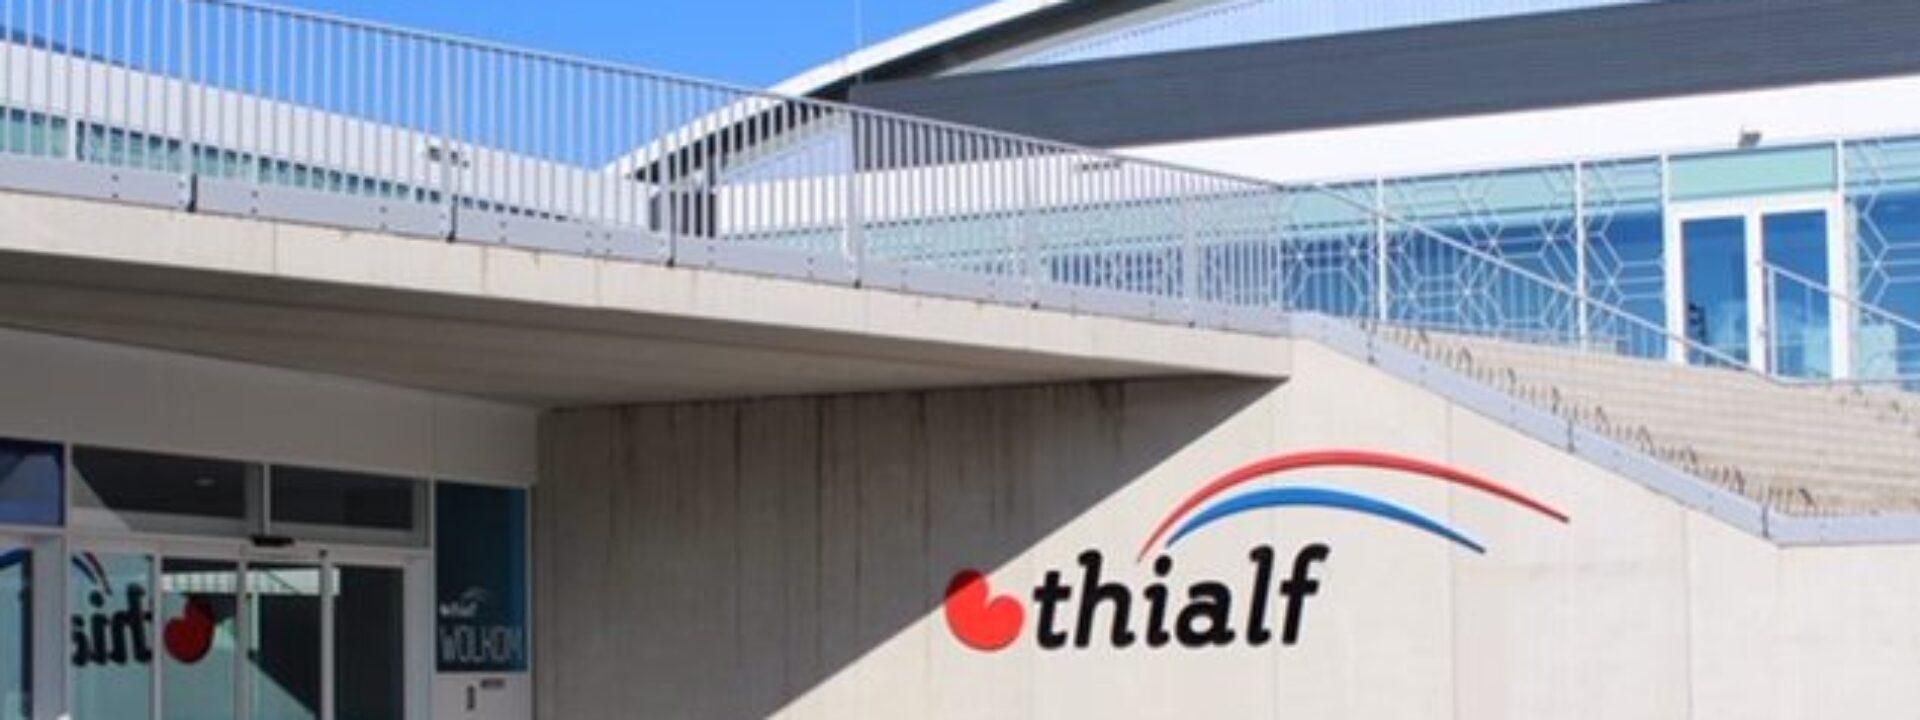 Thialf